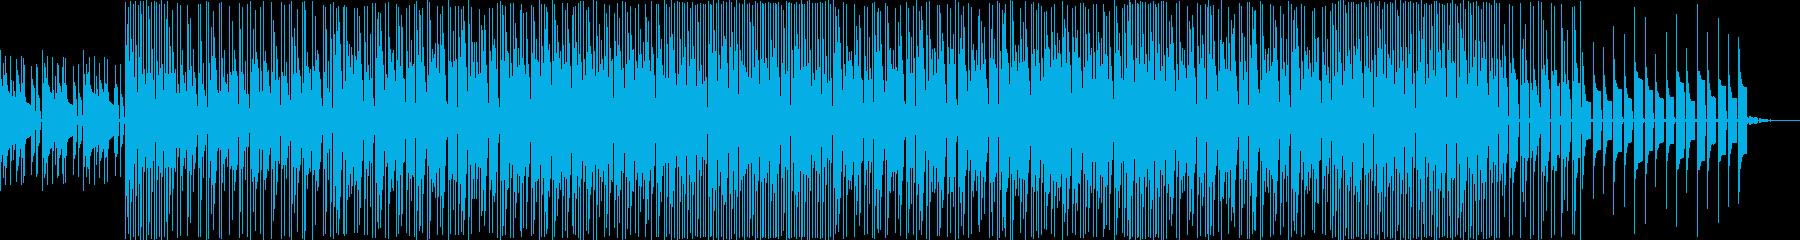 デジタル機器CF、ジングル、ロゴ用 の再生済みの波形